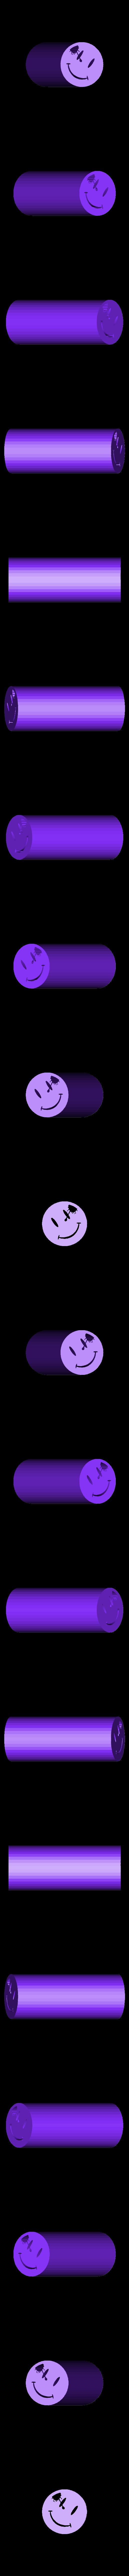 el comediante.STL Télécharger fichier STL 36 CONSEILS SUR LES FILTRES À MAUVAISES HERBES VOL.1+2+3+4 • Design pour impression 3D, SnakeCreations